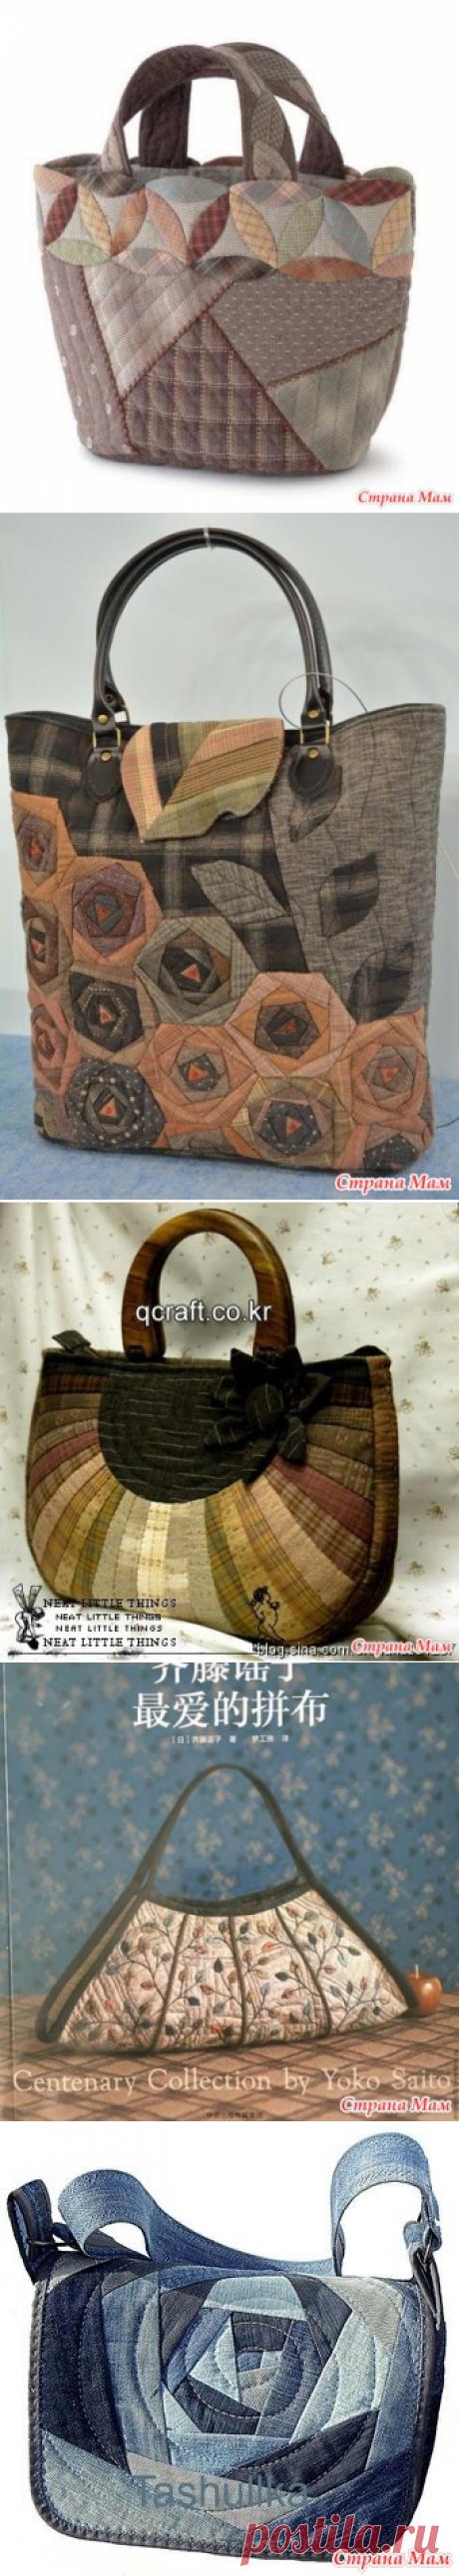 ¡Me he enamorado de esta bolsa!))) - la Costura de pedazos - el País de las Mamás